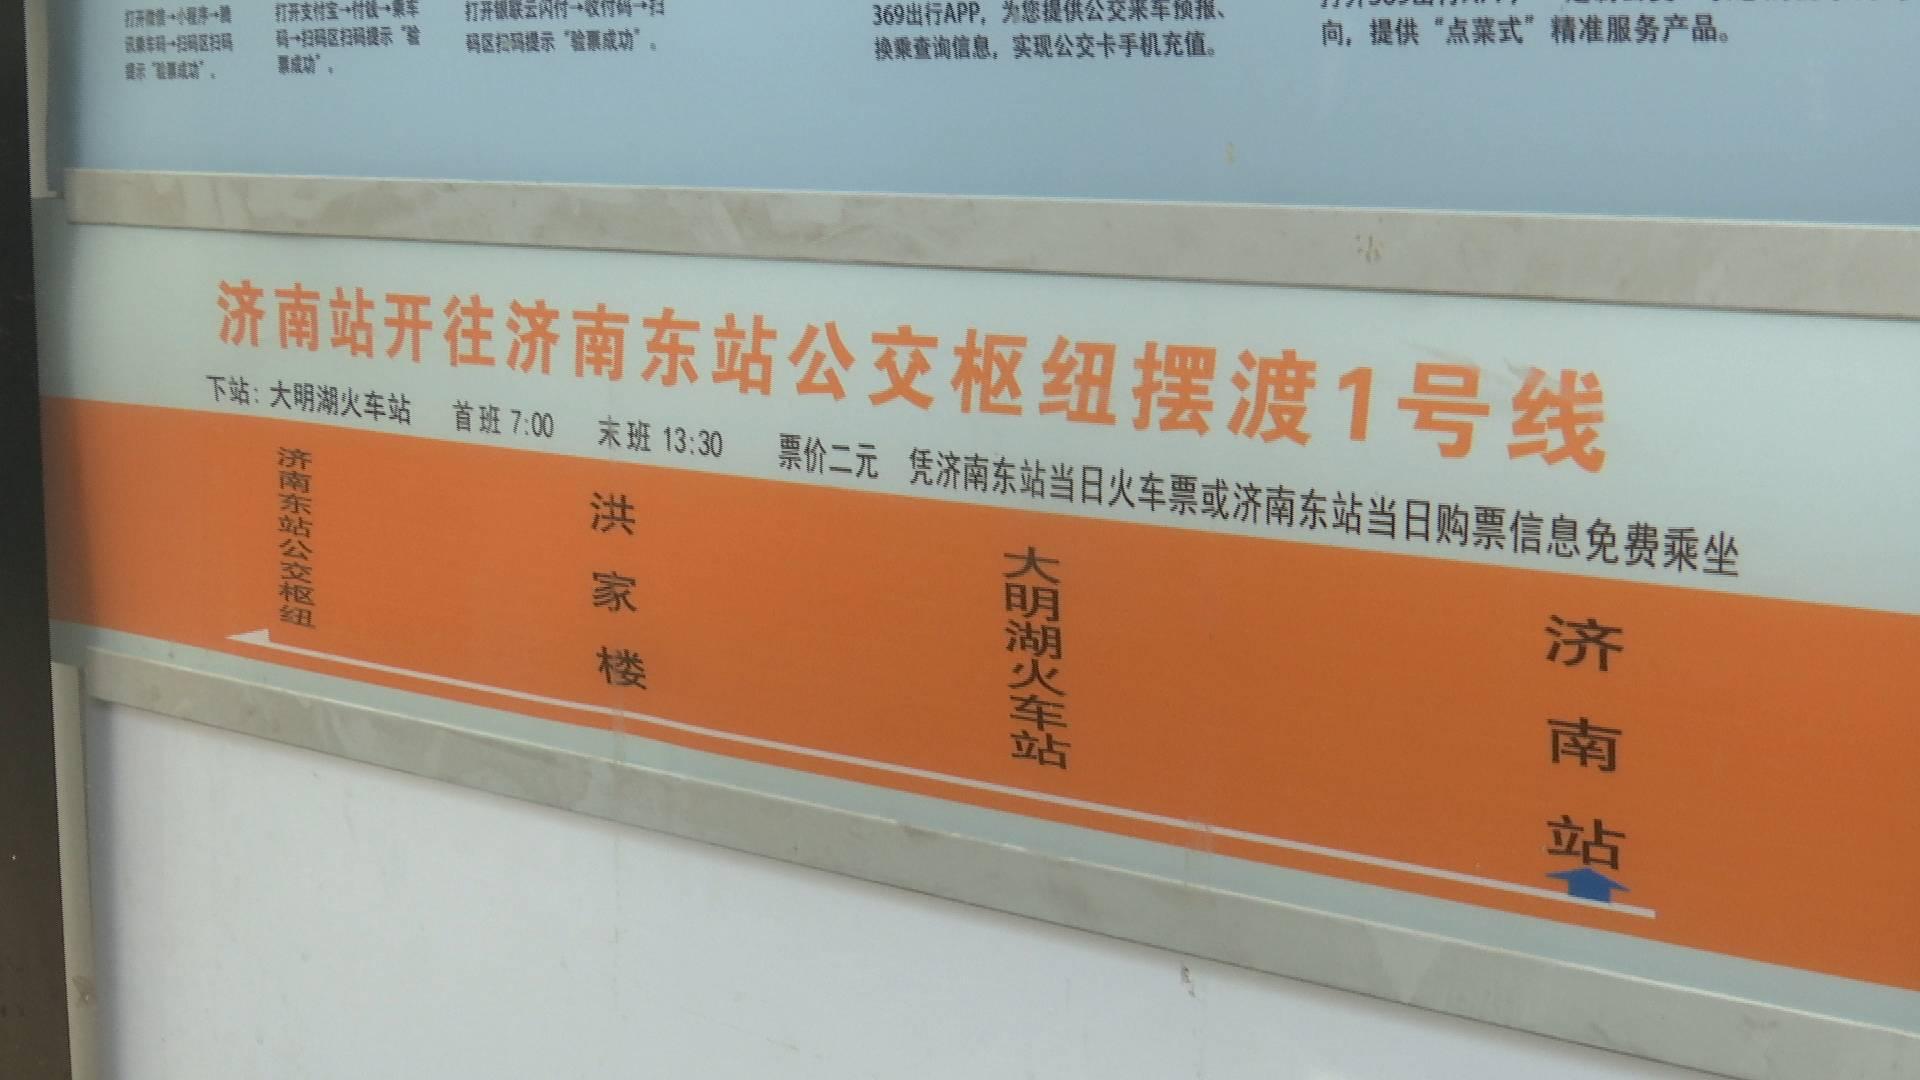 记者体验|济南站到济南东站摆渡一号线试运行:票价2元 用时与打车差不多